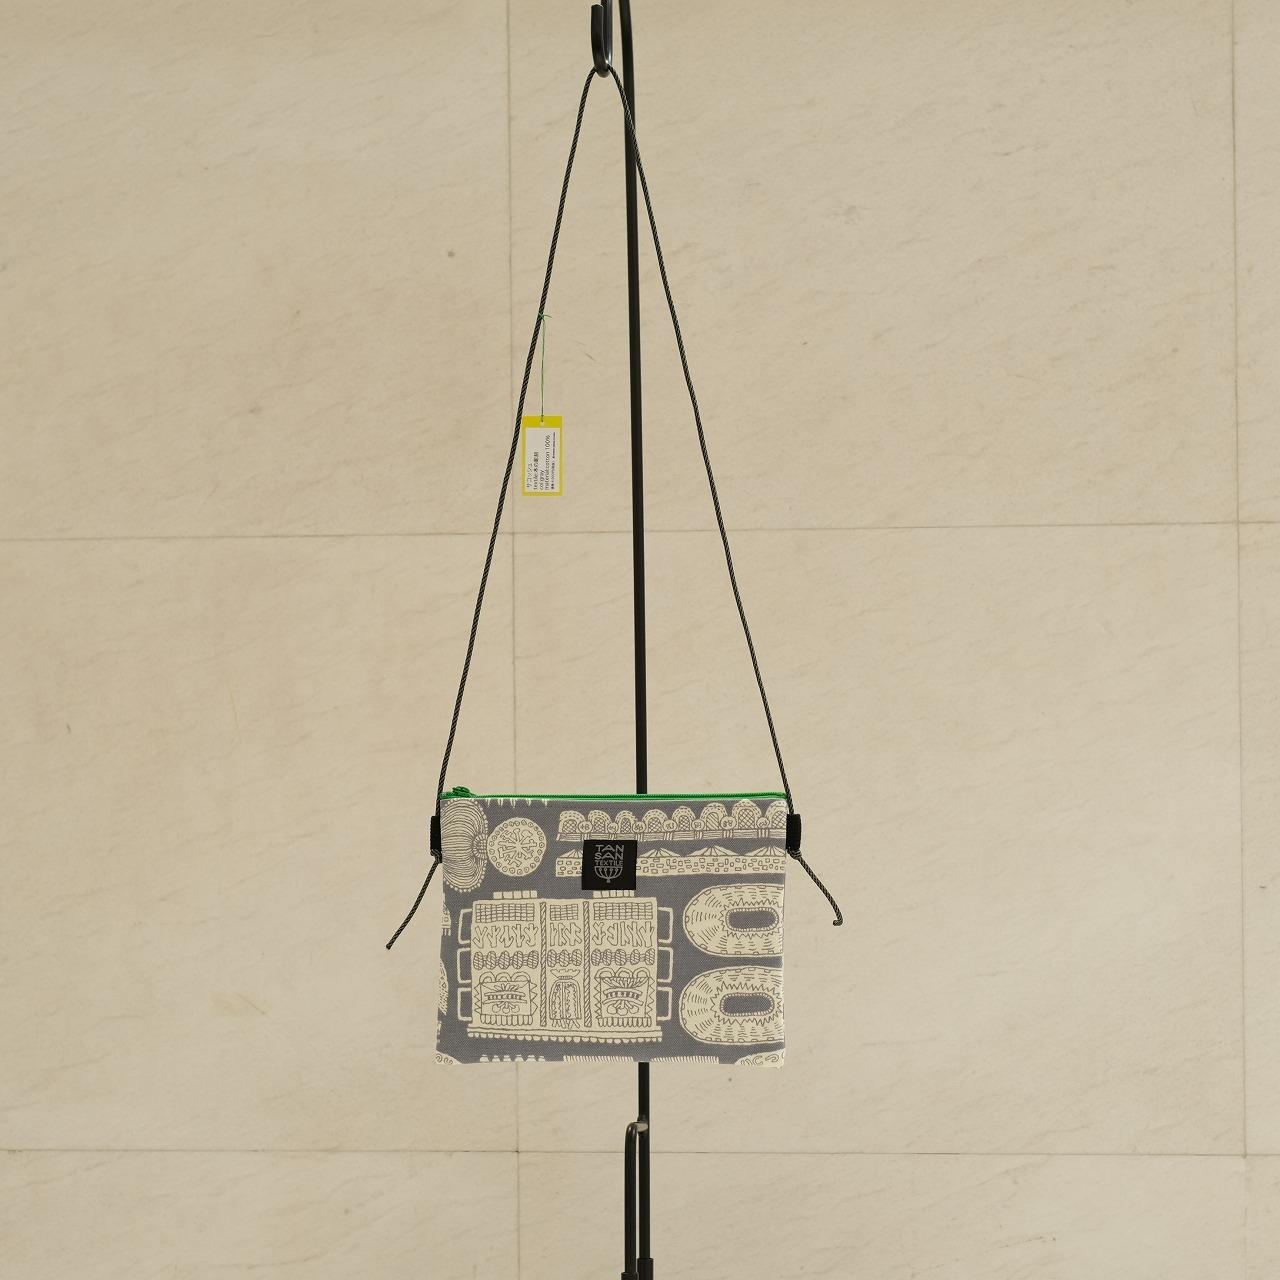 炭酸デザイン室 オンライン展示会 サコッシュ_d0182409_16585035.jpg